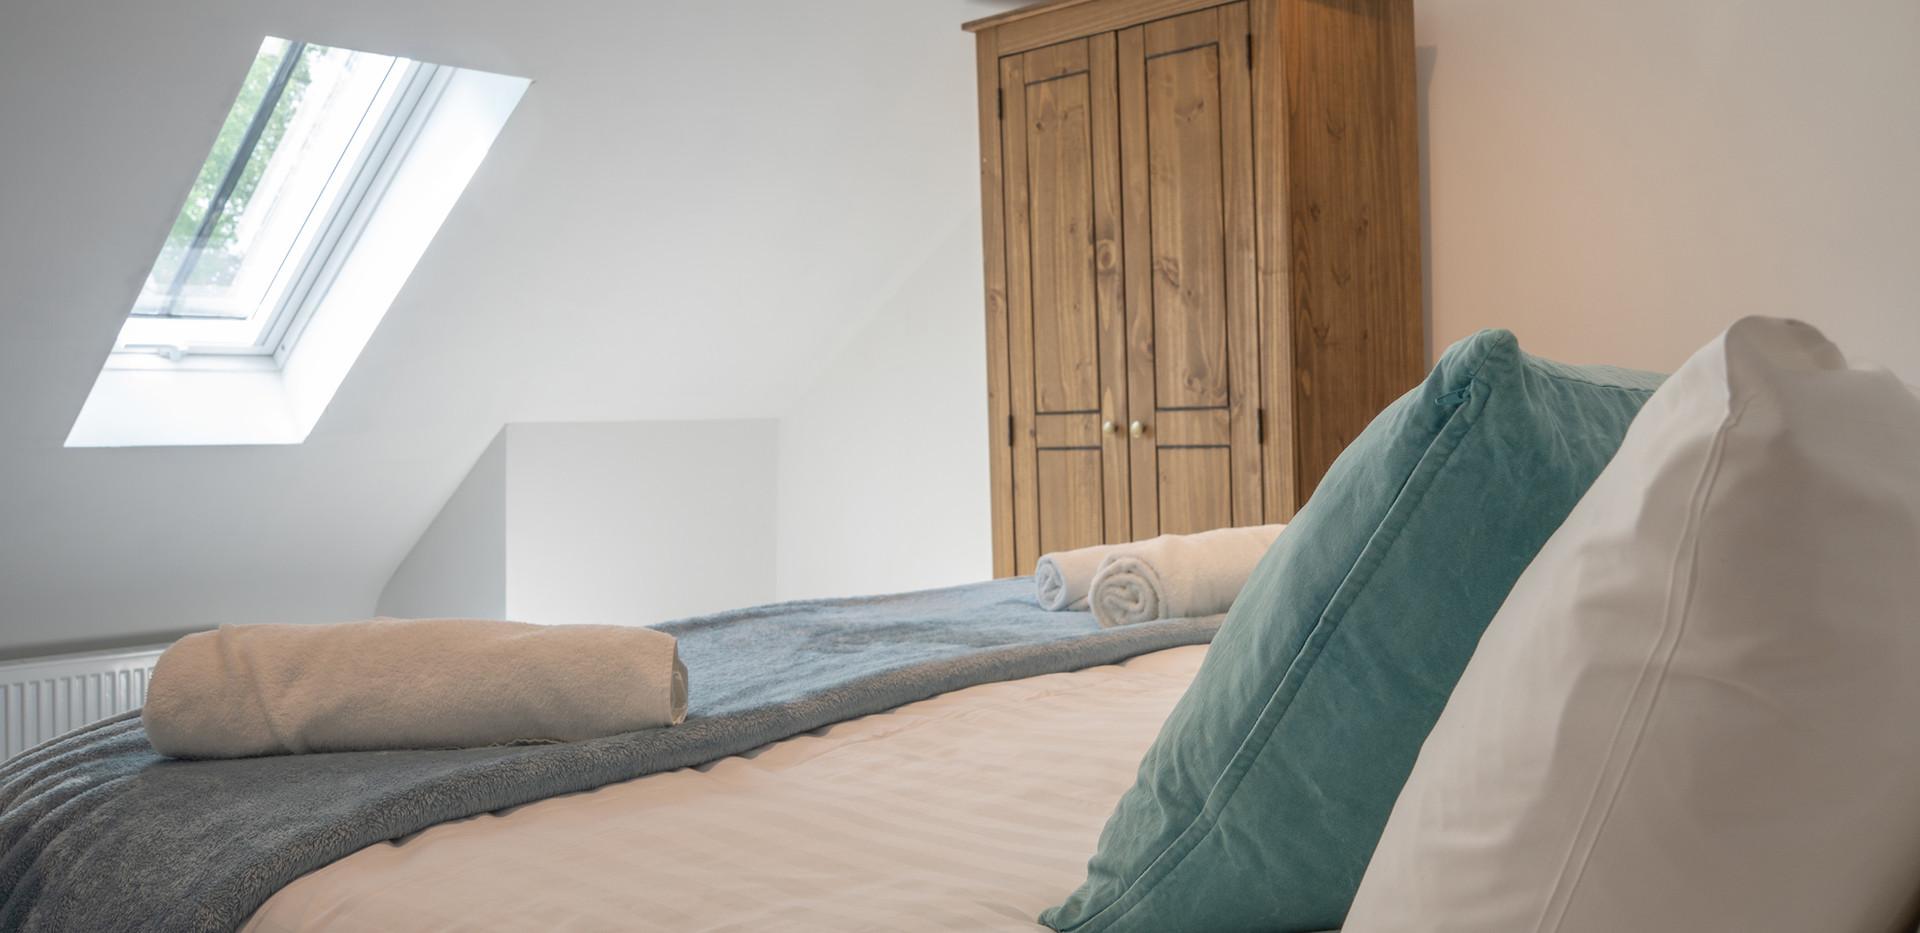 Derwent Bedroom 2 (2).jpg